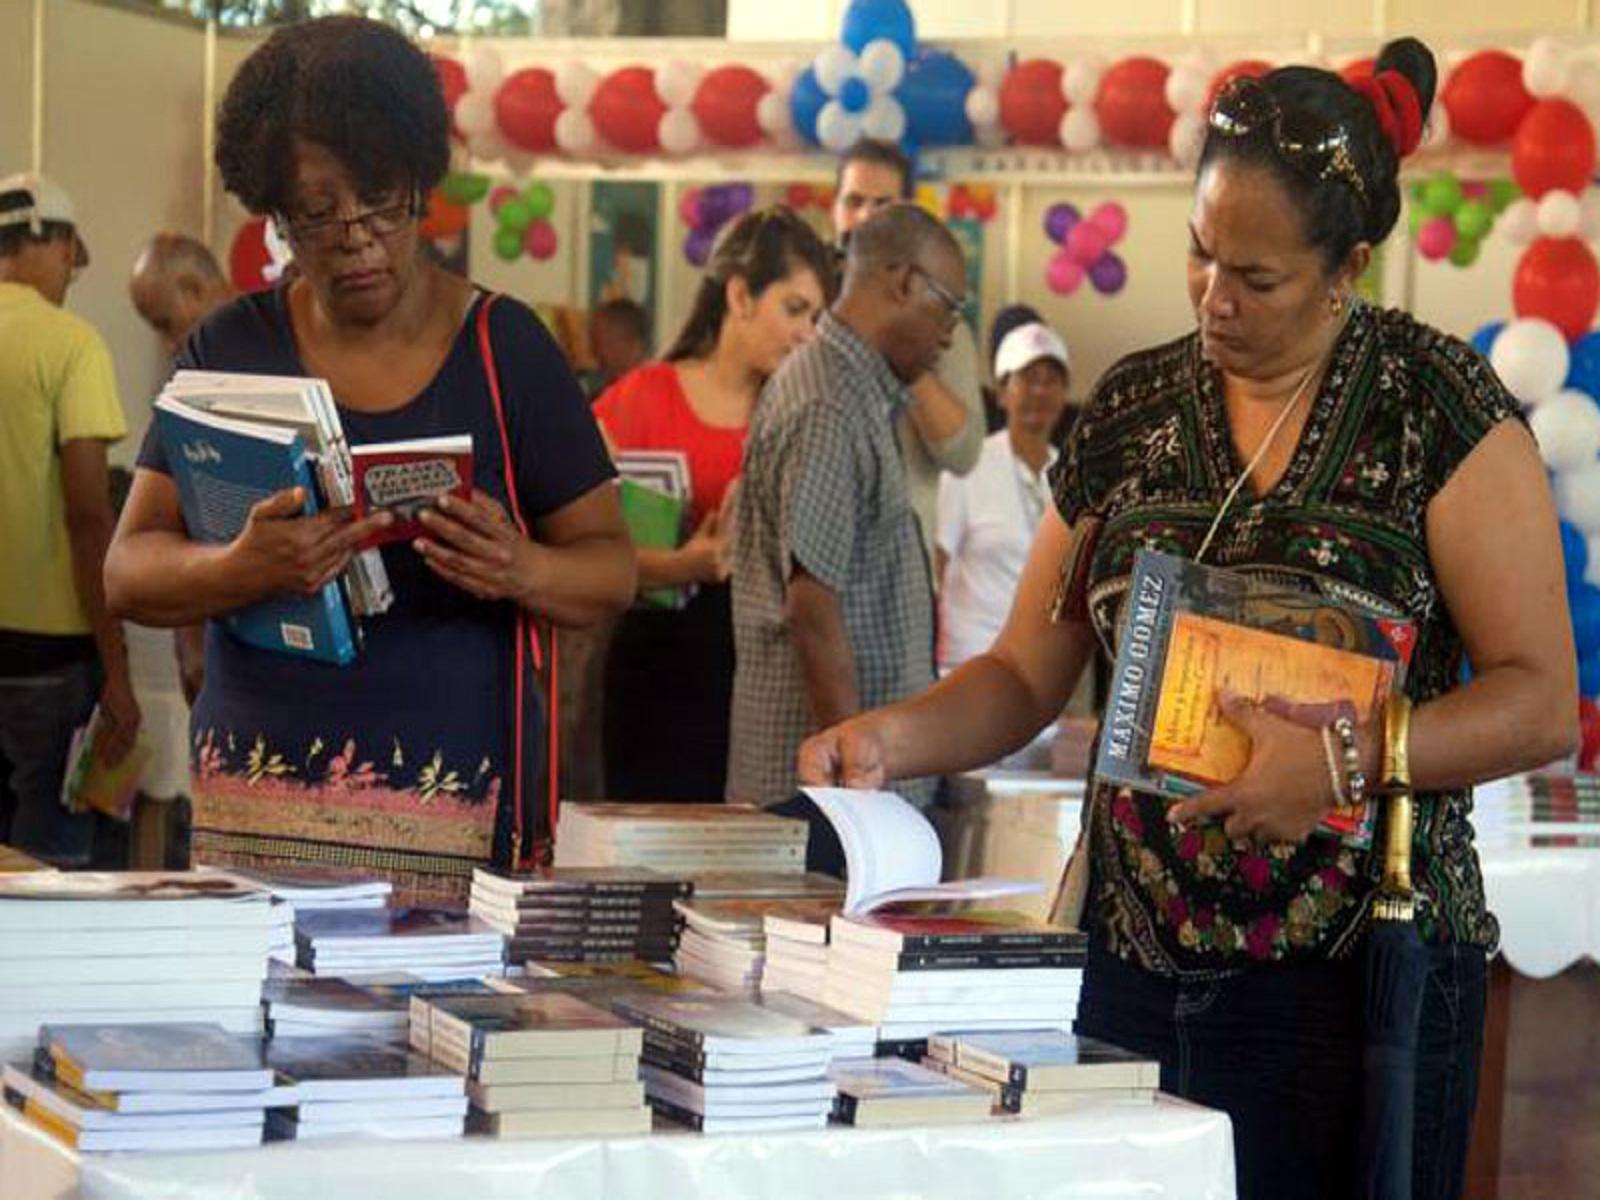 El Pabellón de Ciencias tendrá varias ofertas literarias en la feria del Libro en Holguín / Foto: Tribuna